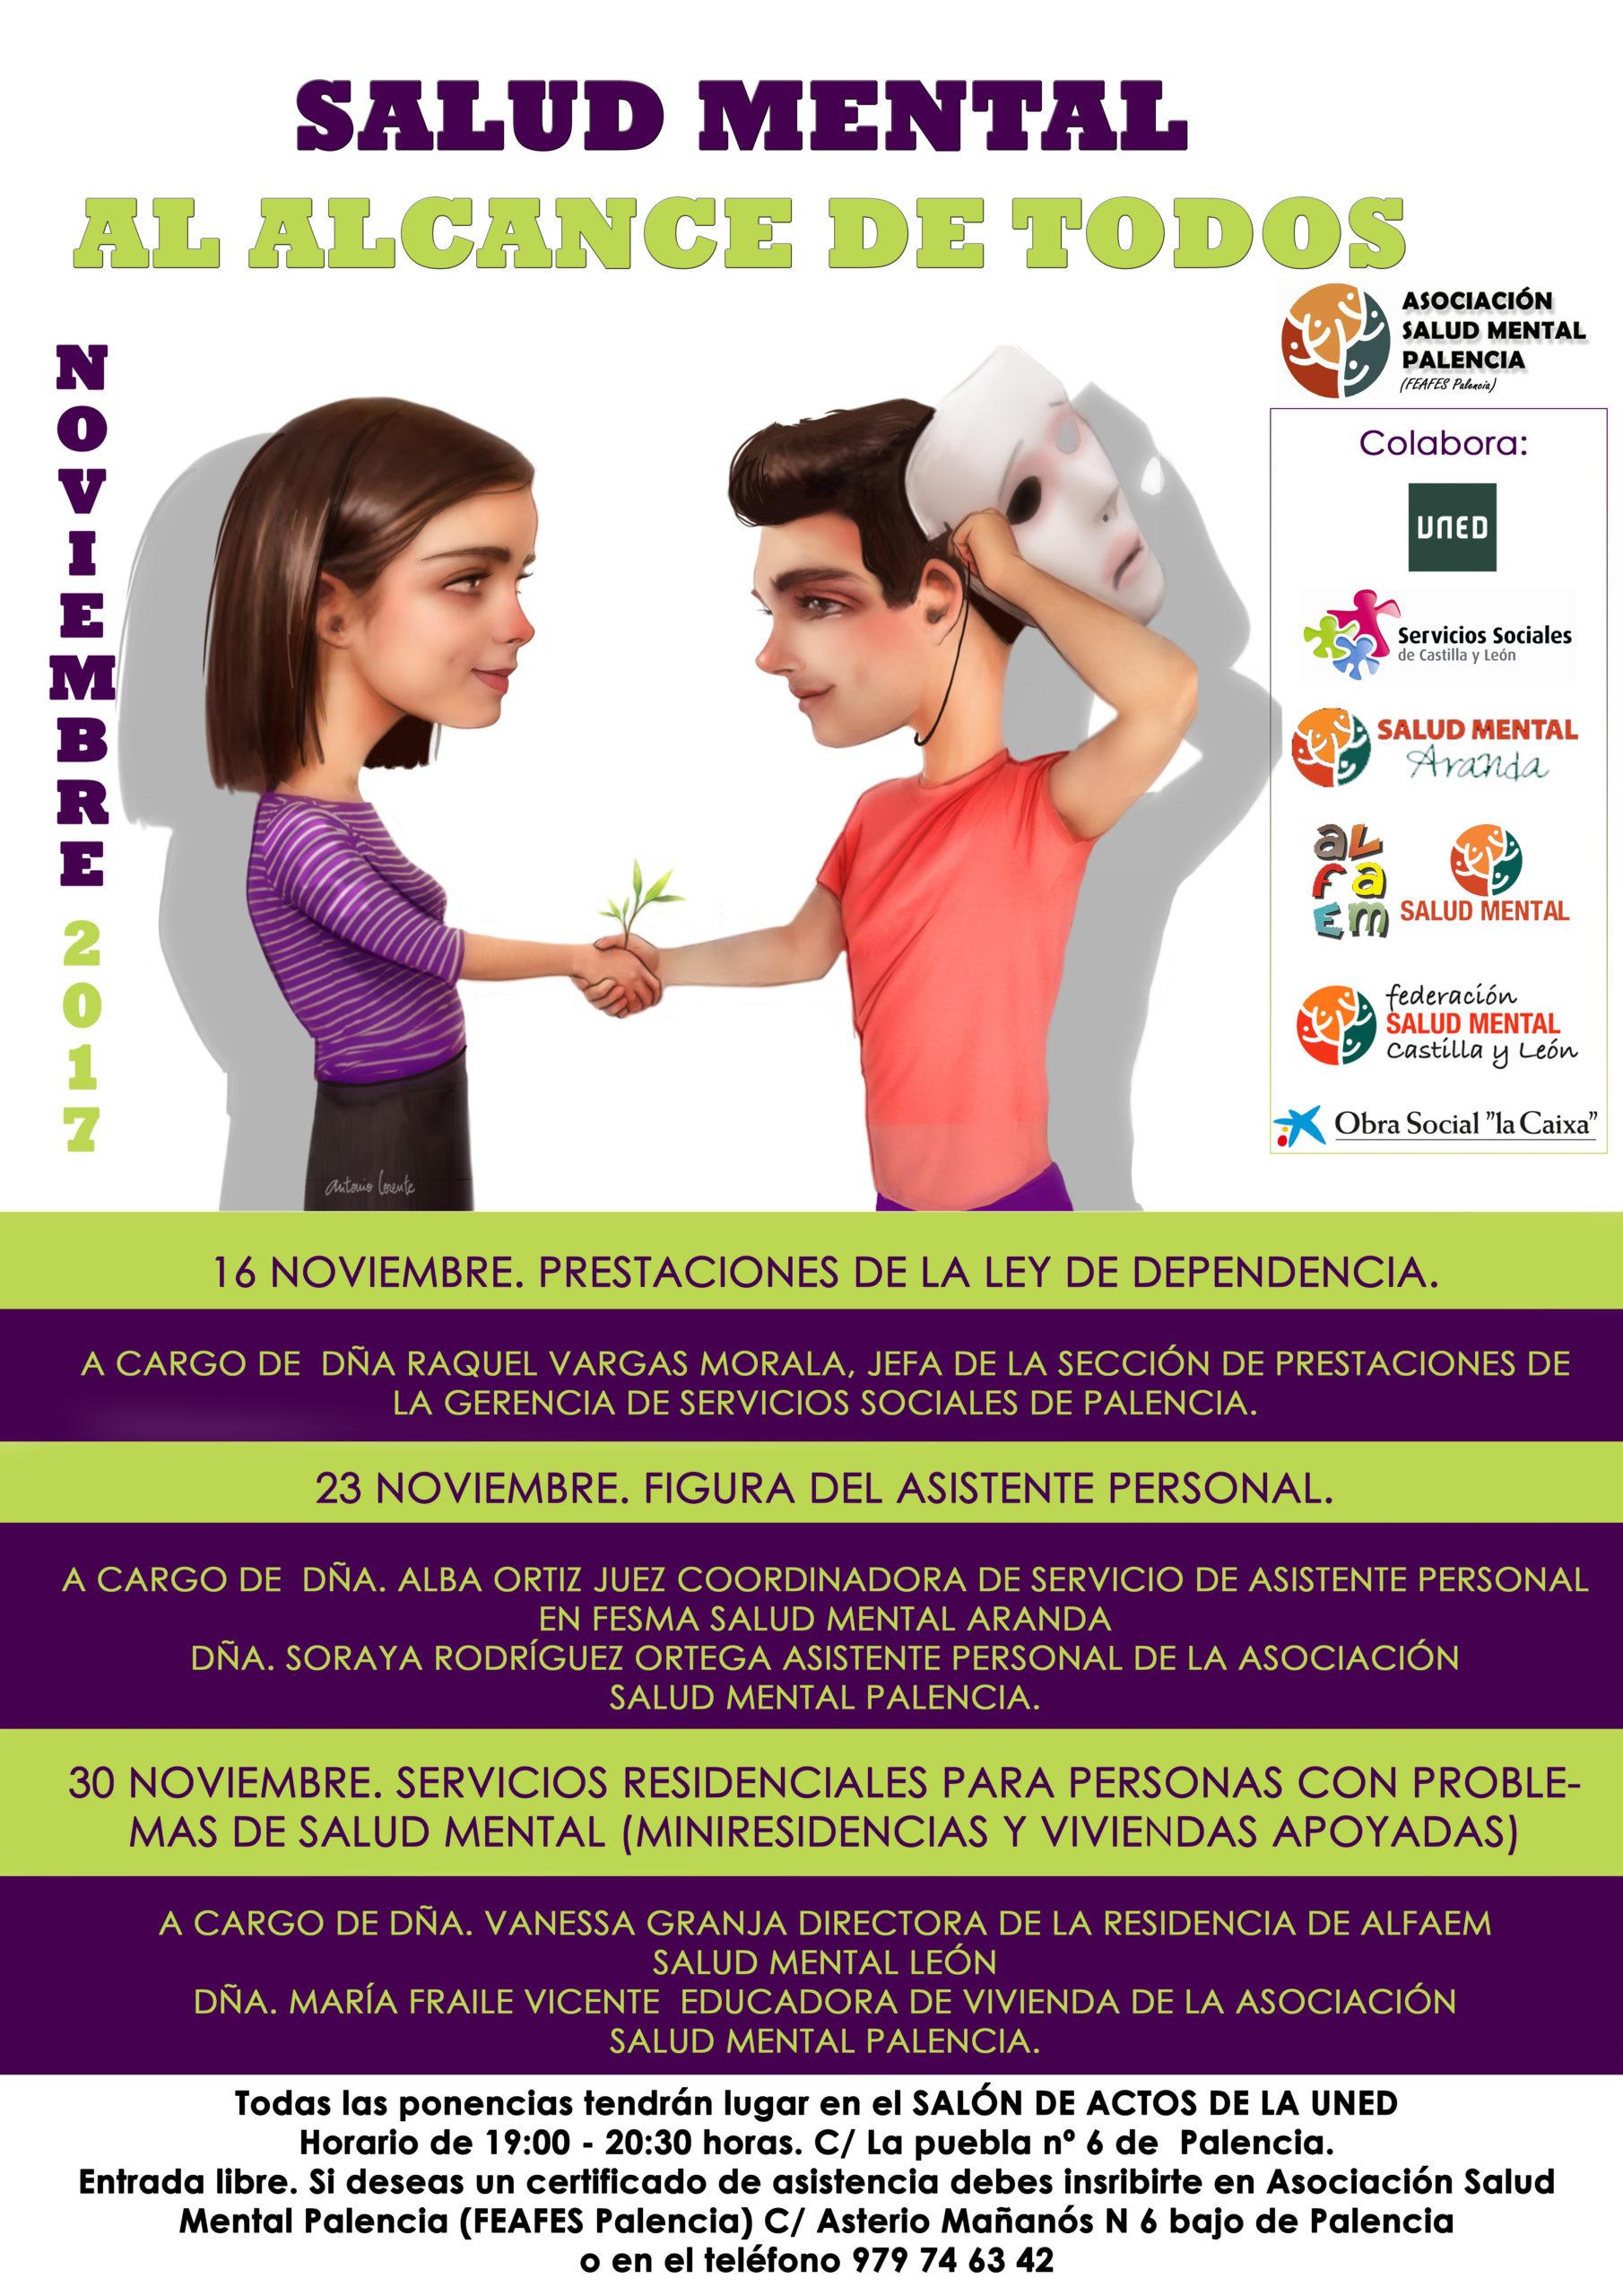 cartel salud mental palencia 2017